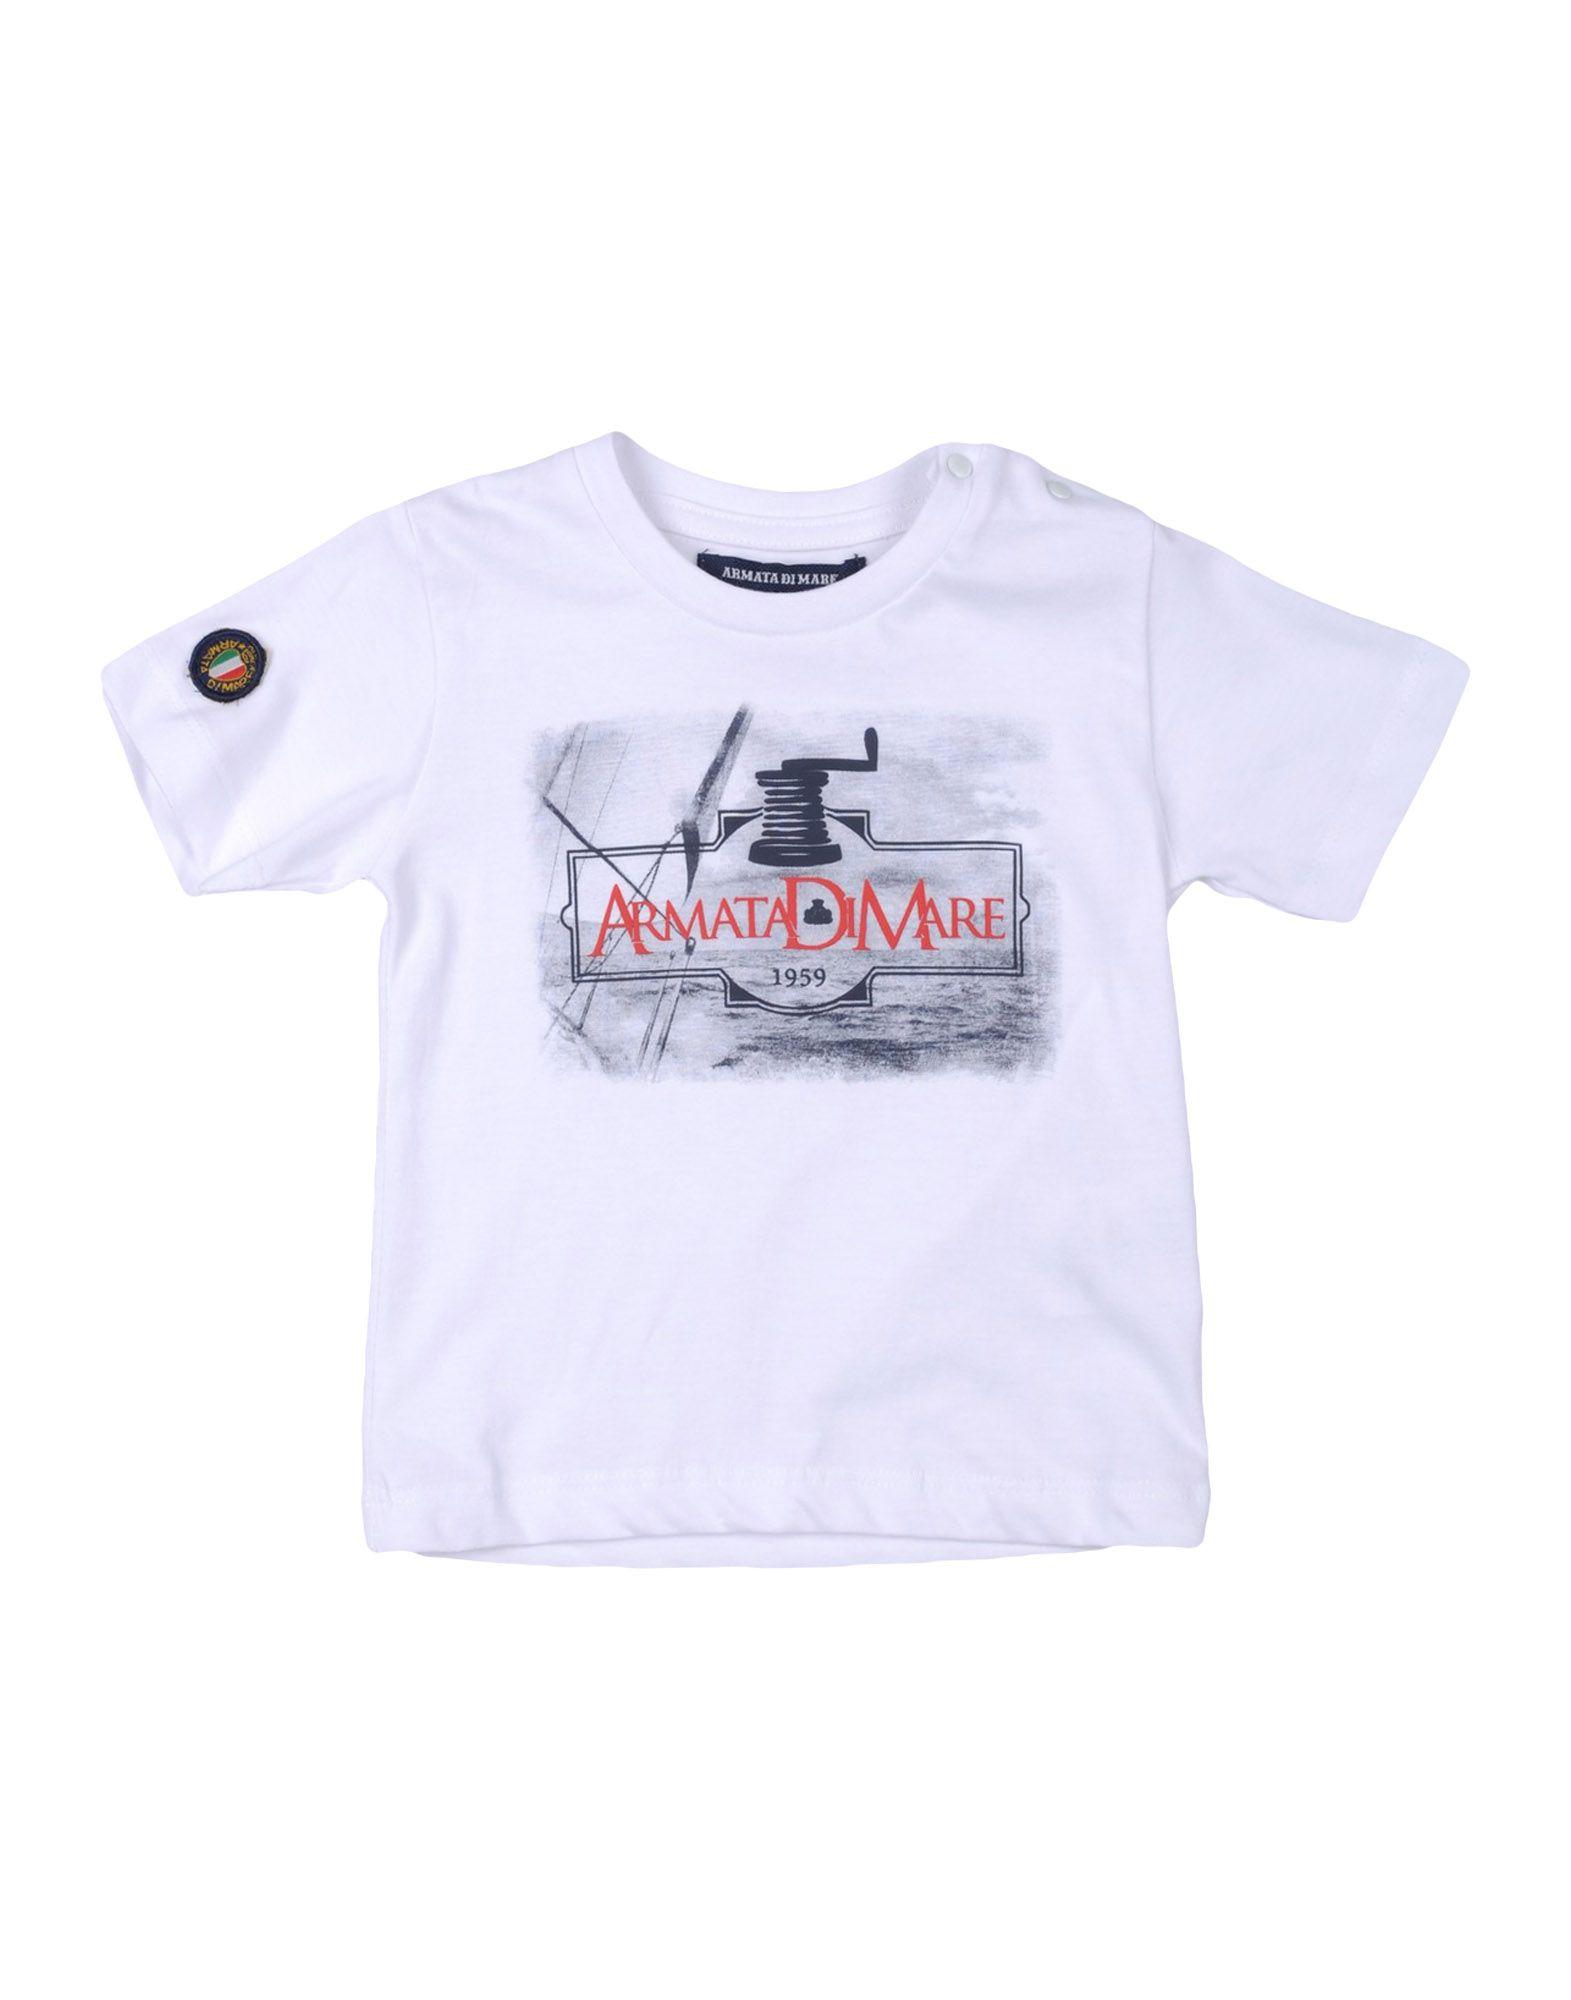 ARMATA DI MARE Tshirts